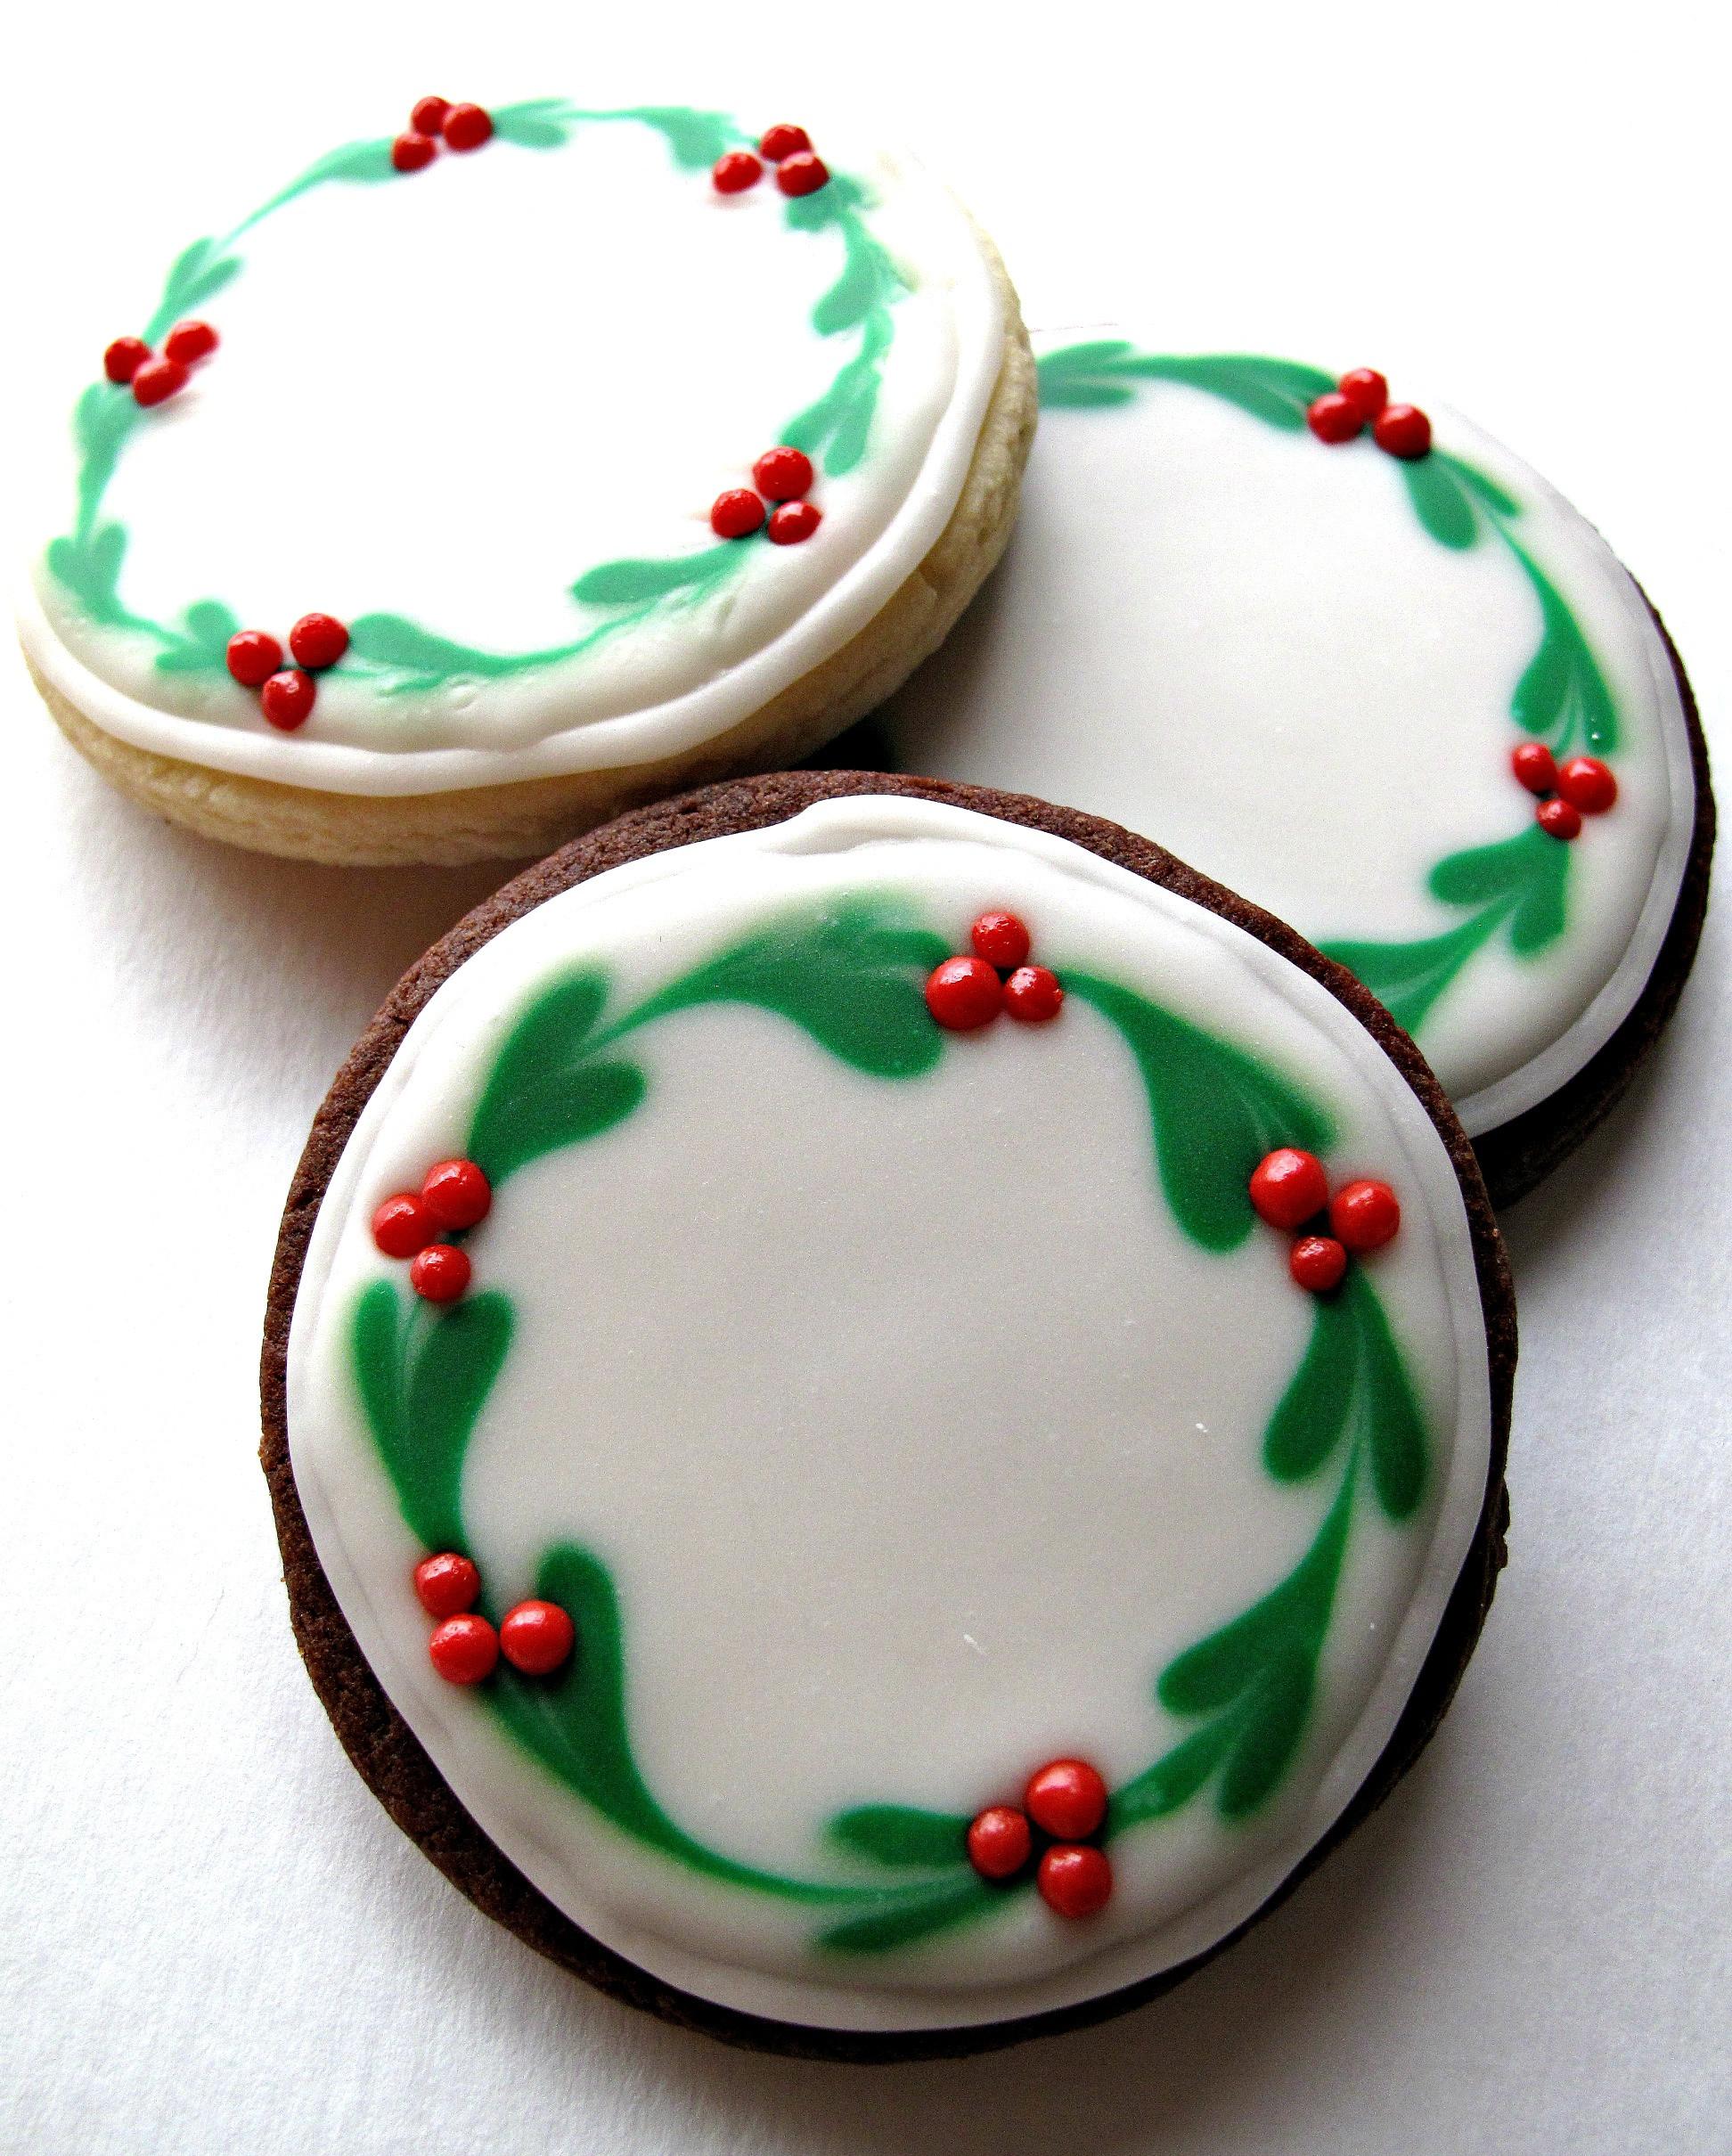 Christmas Cookies Sugar Cookies  Chocolate Covered Oreos and Iced Christmas Sugar Cookies